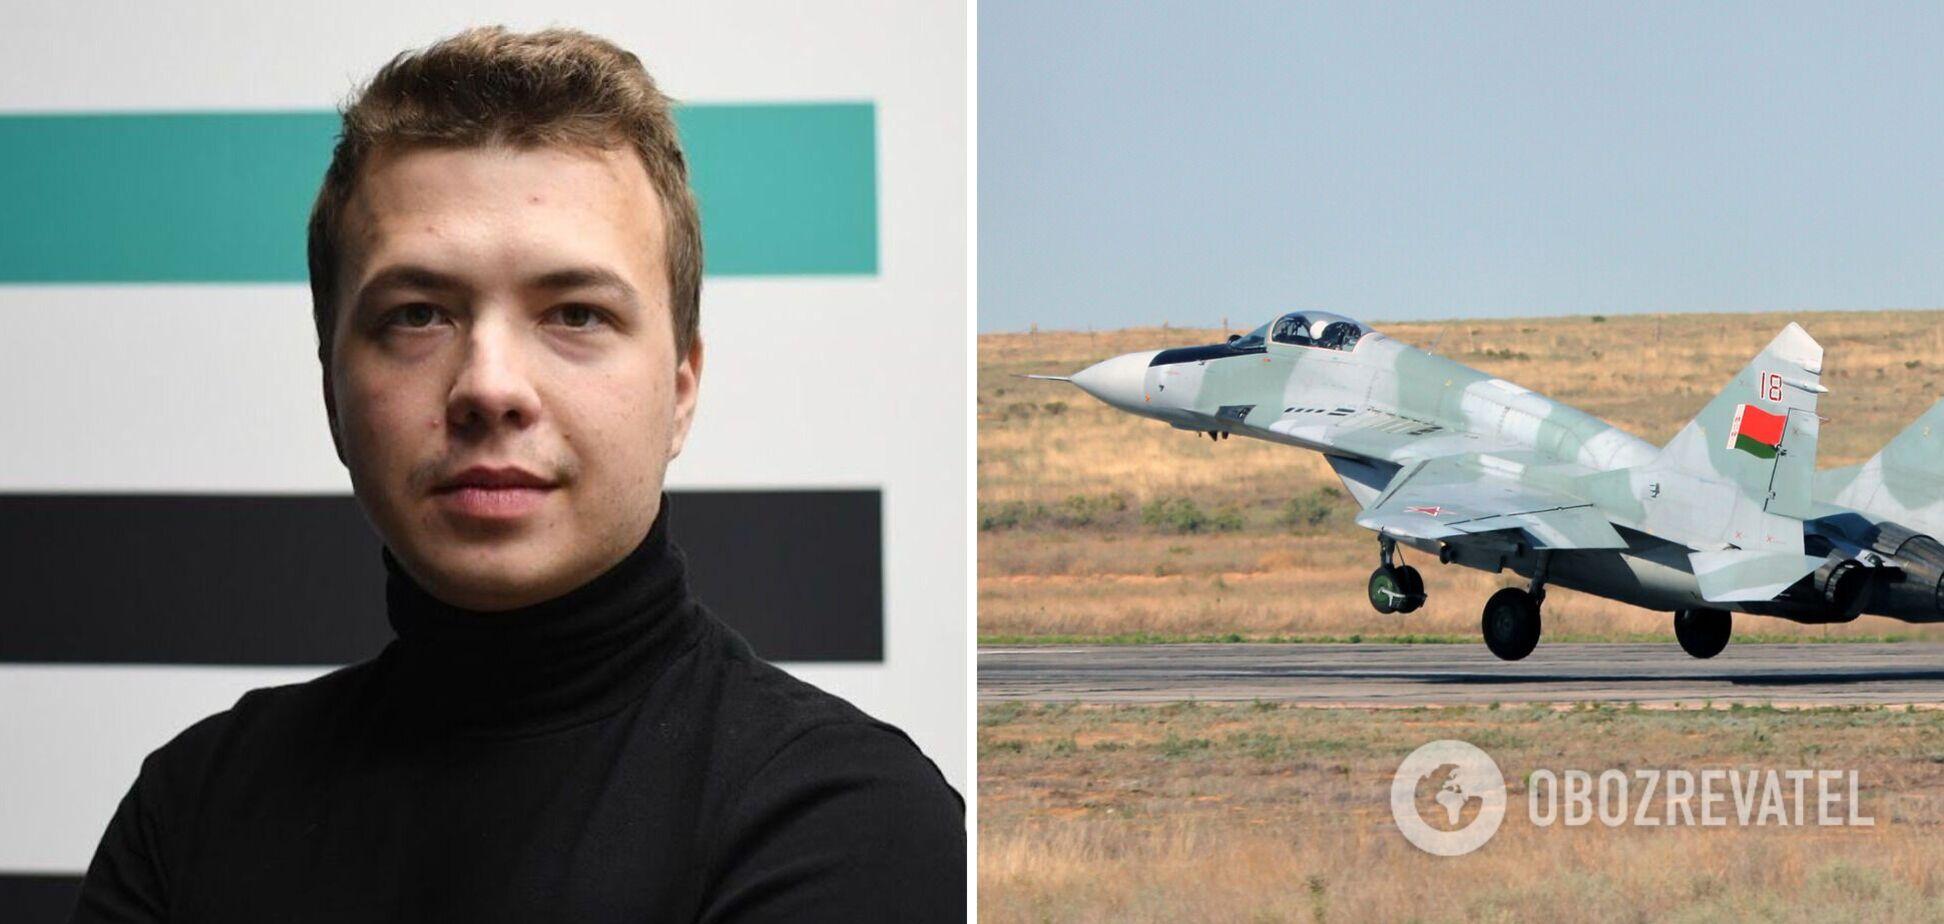 Літак із Протасевичем дозволяли збити винищувачем, – Лукашевич